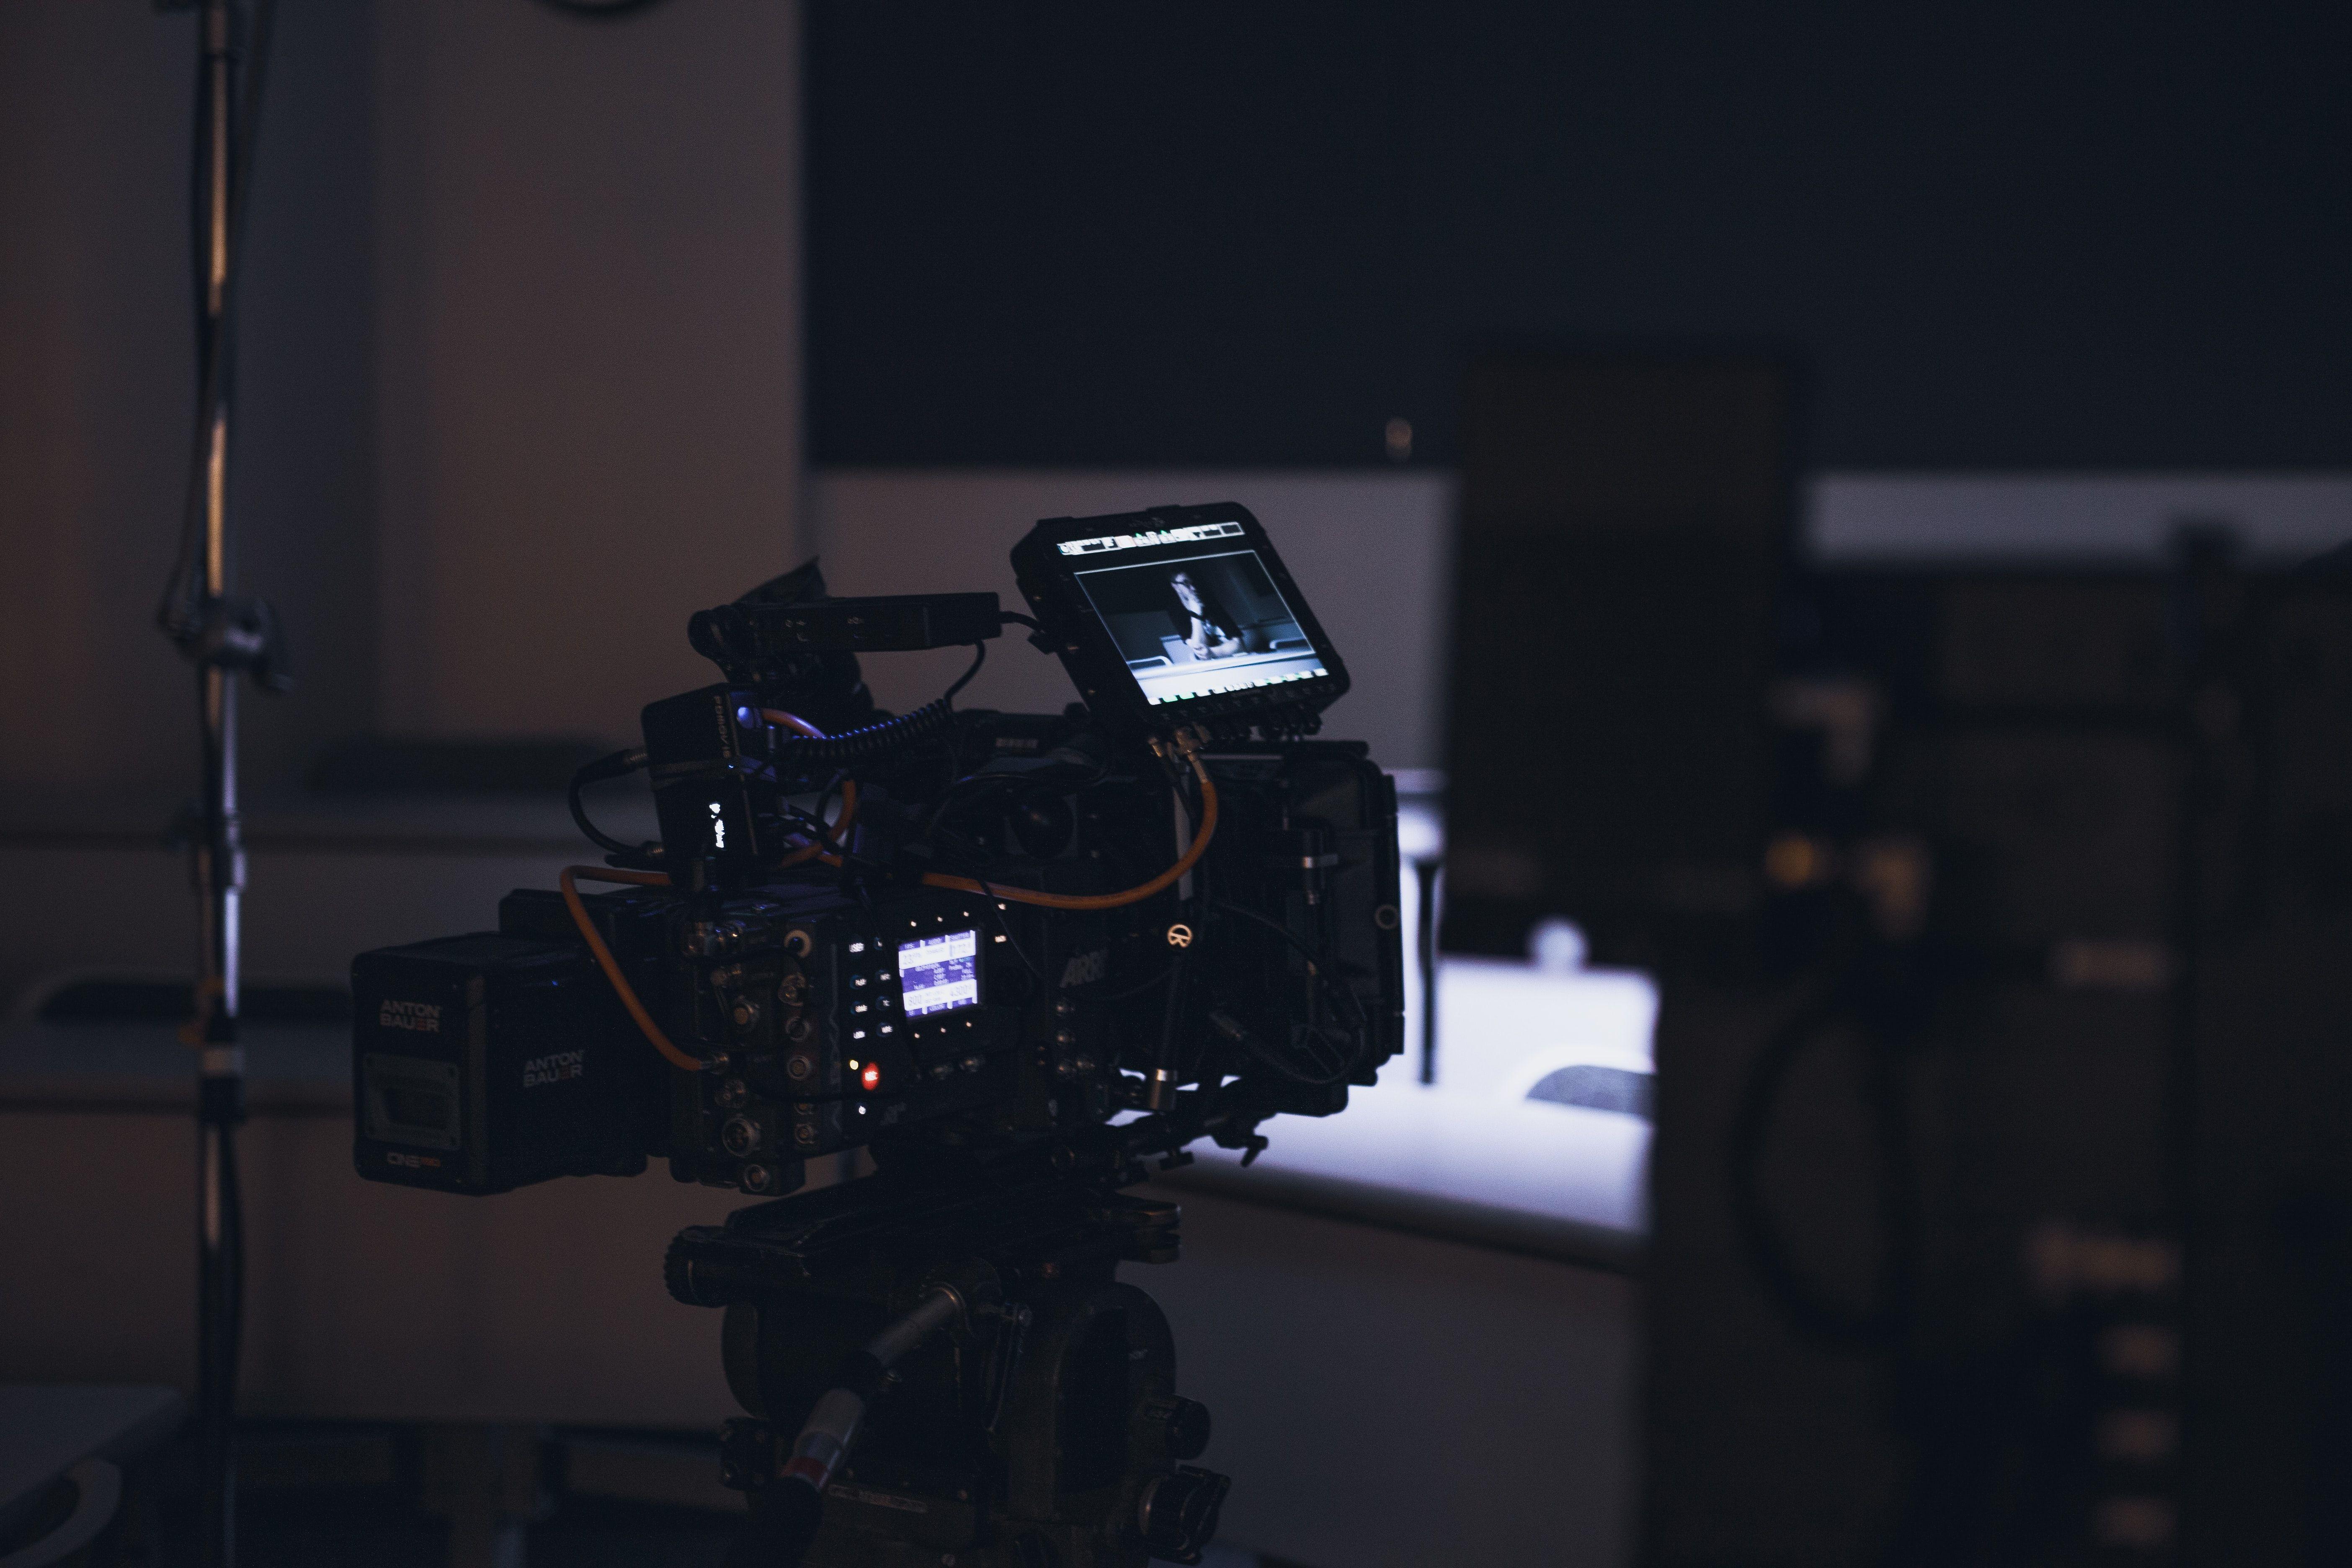 Kaamera liikumiste juhend: 13 tüüpi kaamera liikumist